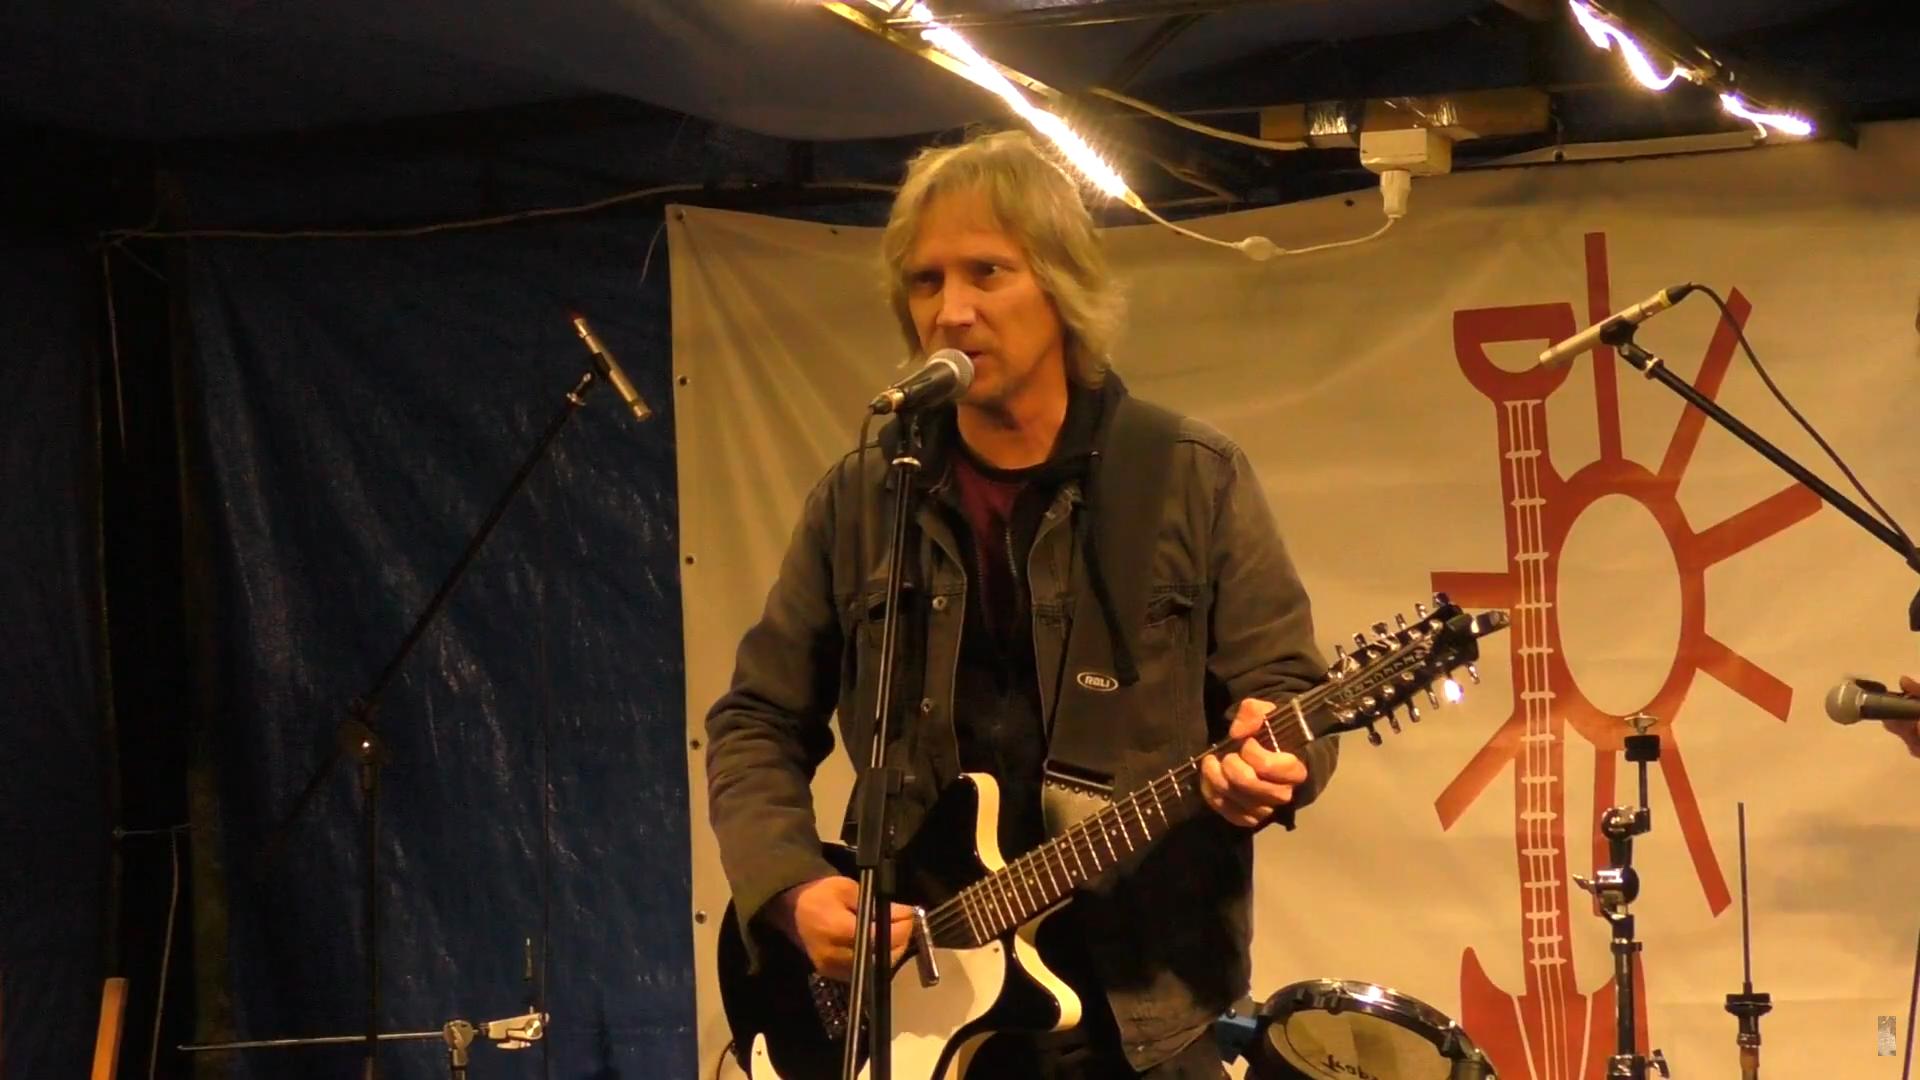 Песни экс-гитариста ДДТ признали экстремизмом